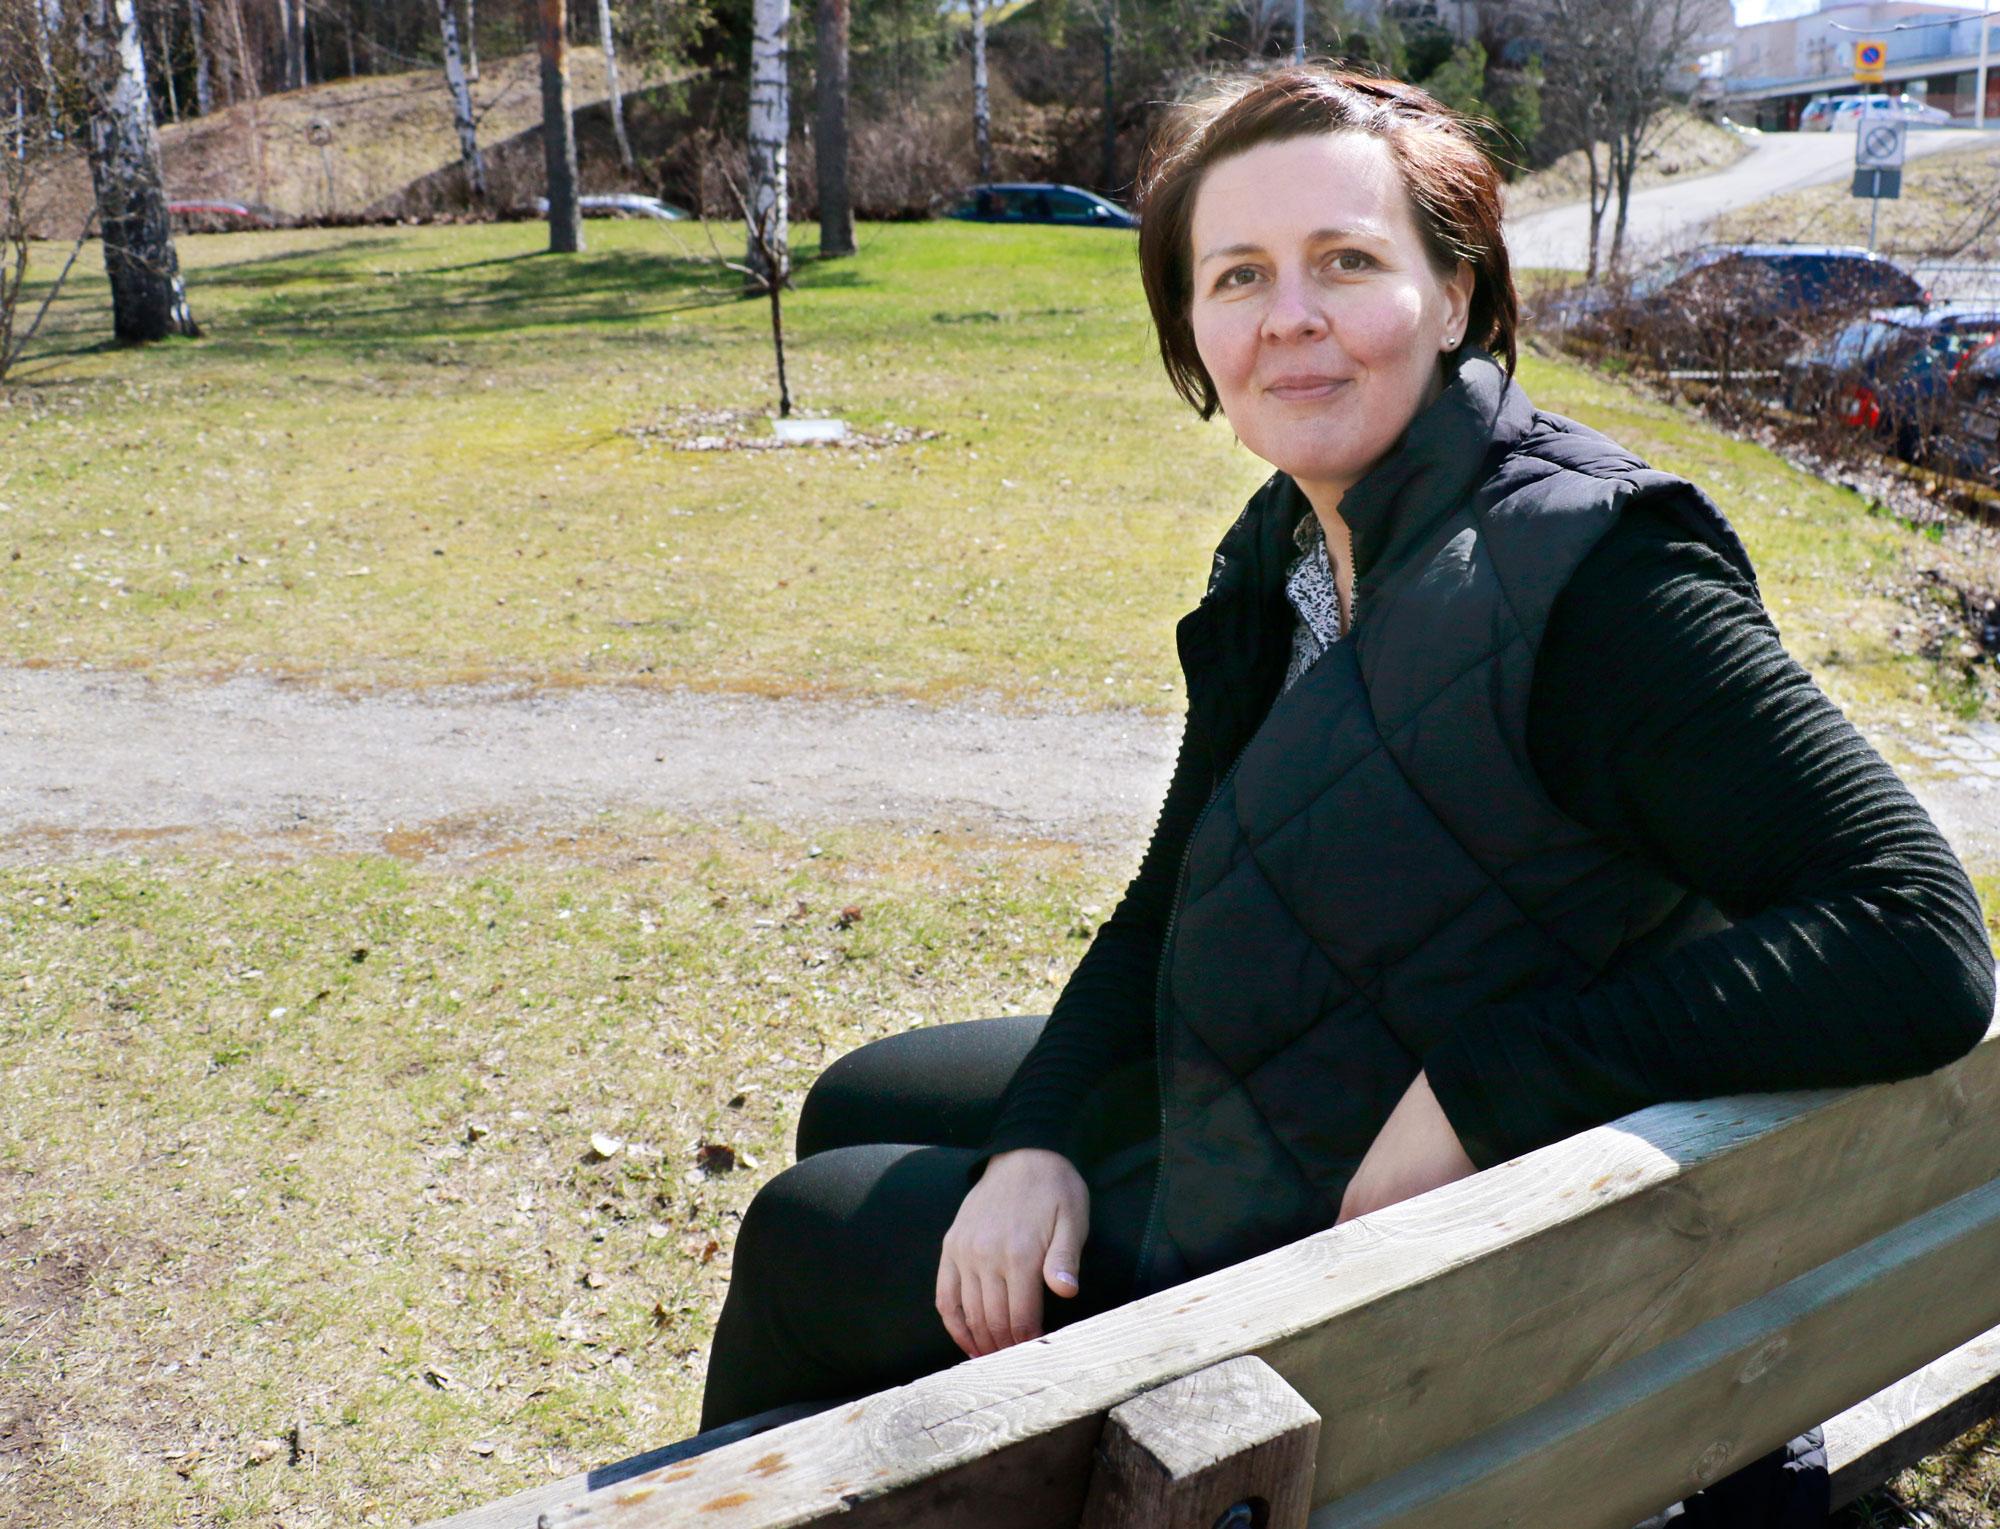 Kangasalan varhaiskasvatuksen johtaja Marjo Vesa kiittelee seudullista yhteistyötä. – Sen synnyttämästä verkostosta löytyy aina joku, jonka puoleen voi kääntyä itse askarruttavissa kysymyksissä.